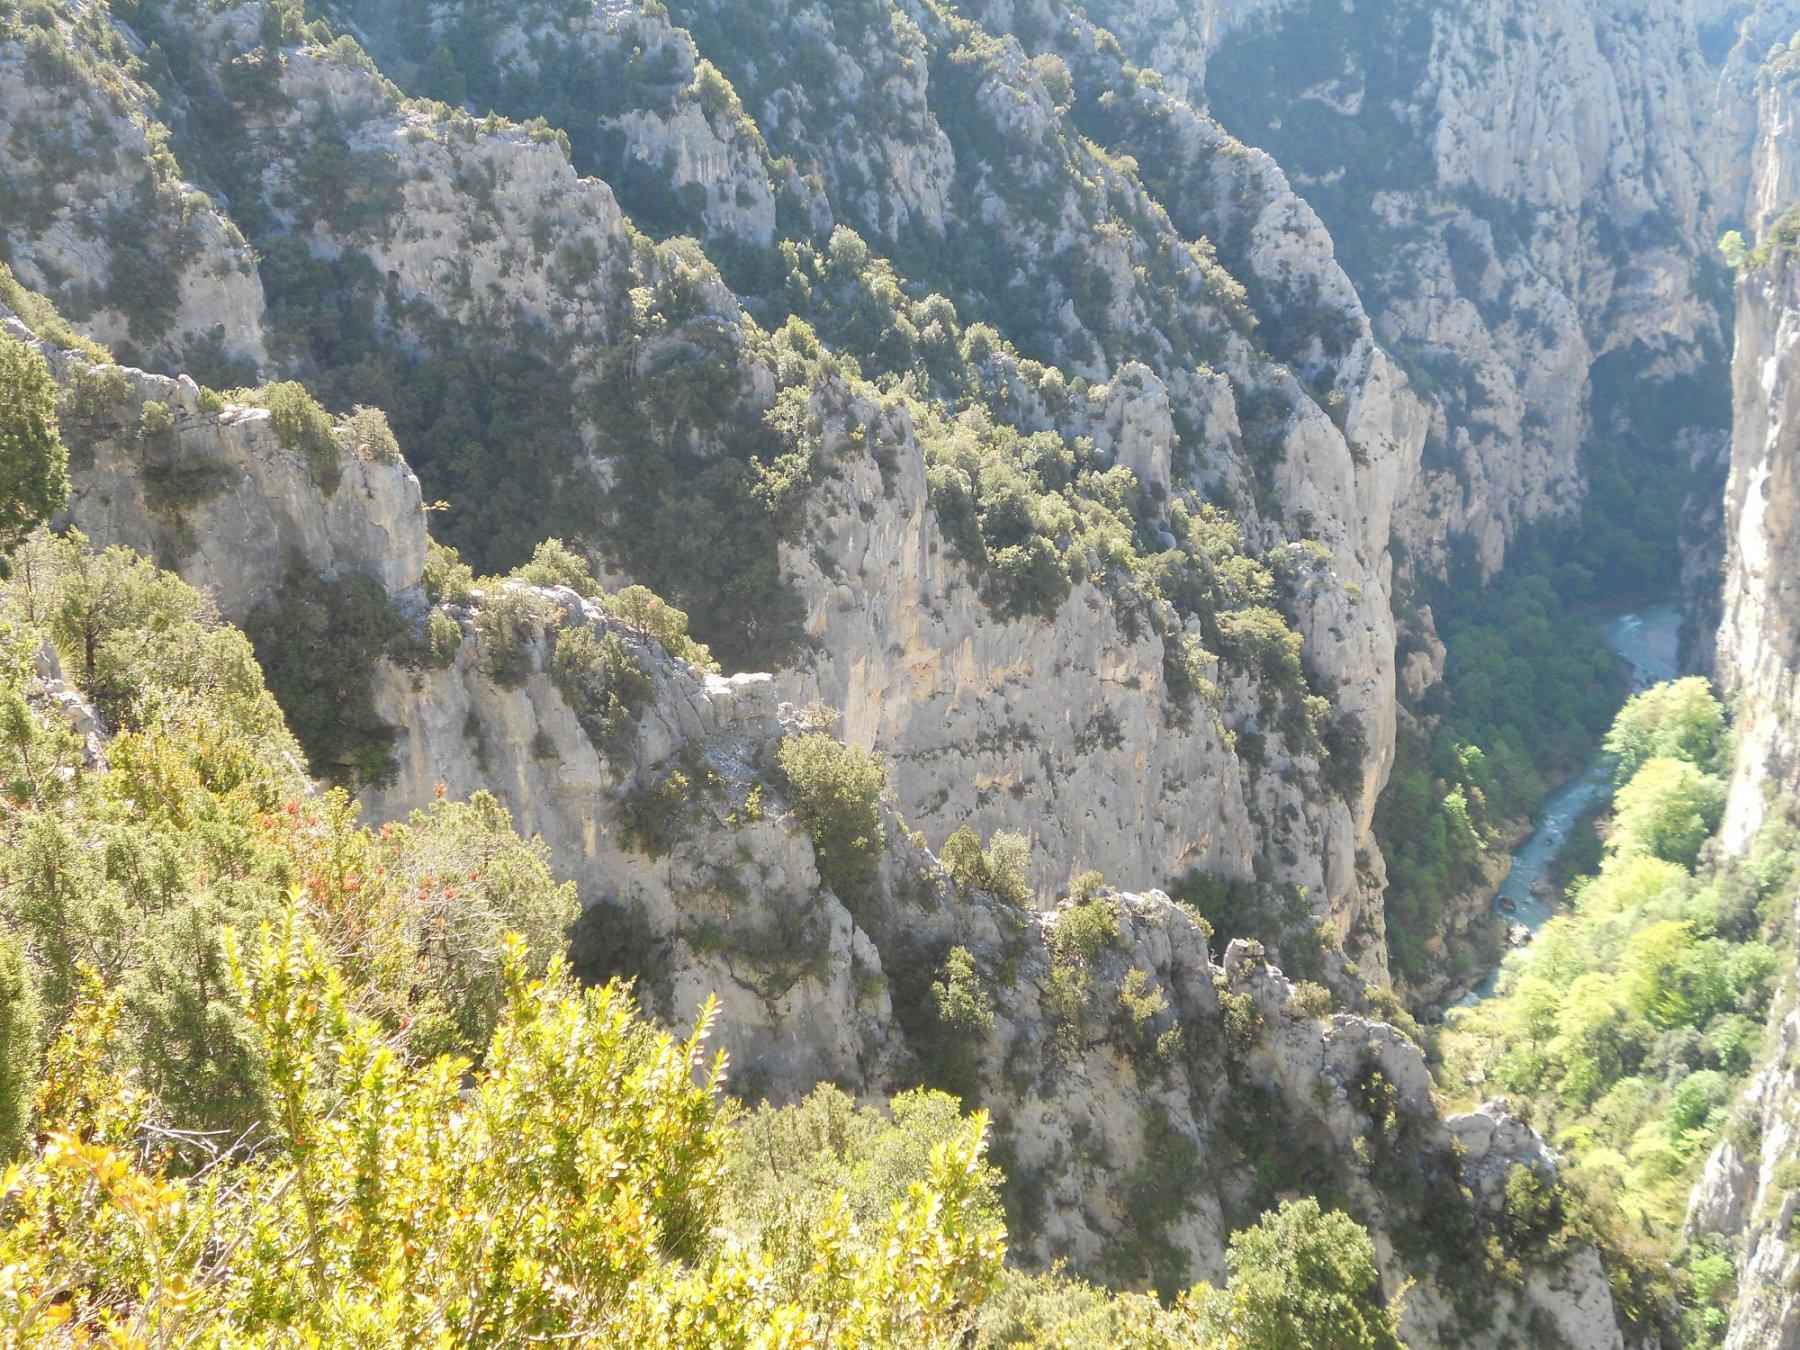 La cresta finale dell'Herbetto vista dall'attacco del sentiero di avvicinamento.